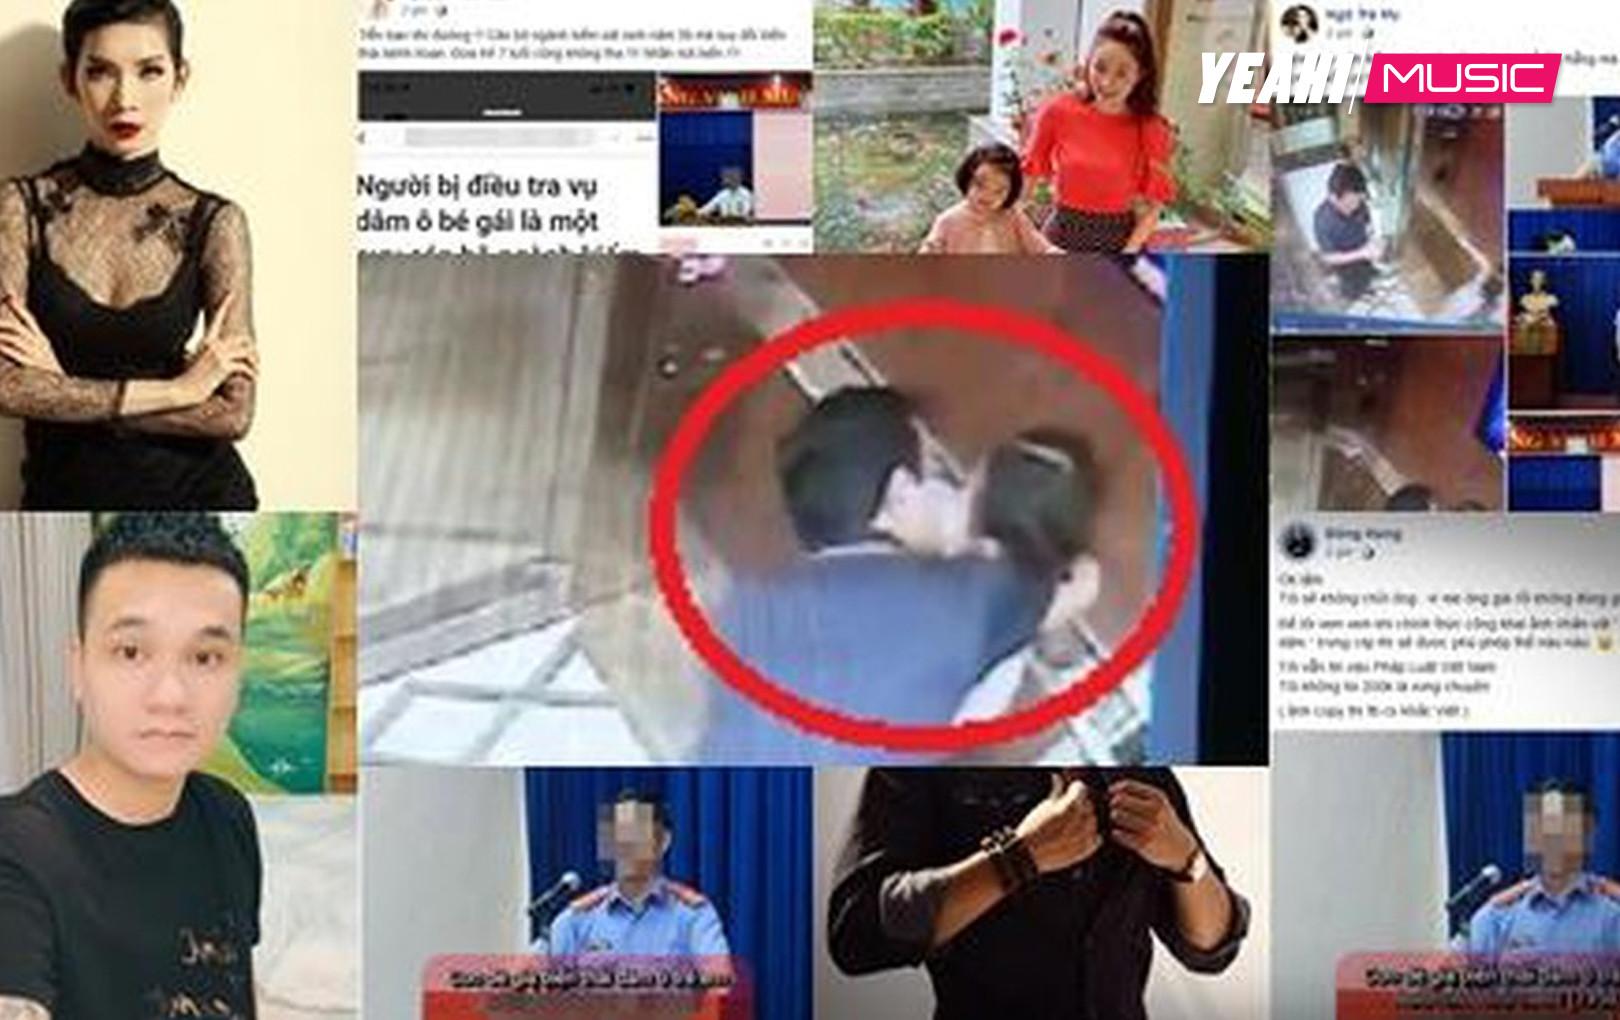 """Sao Việt đồng loạt """"tức giận"""" khi biết rõ thân thế người đàn ông có ý đồ với bé gái mới lên 7 trong thang máy chung cư"""